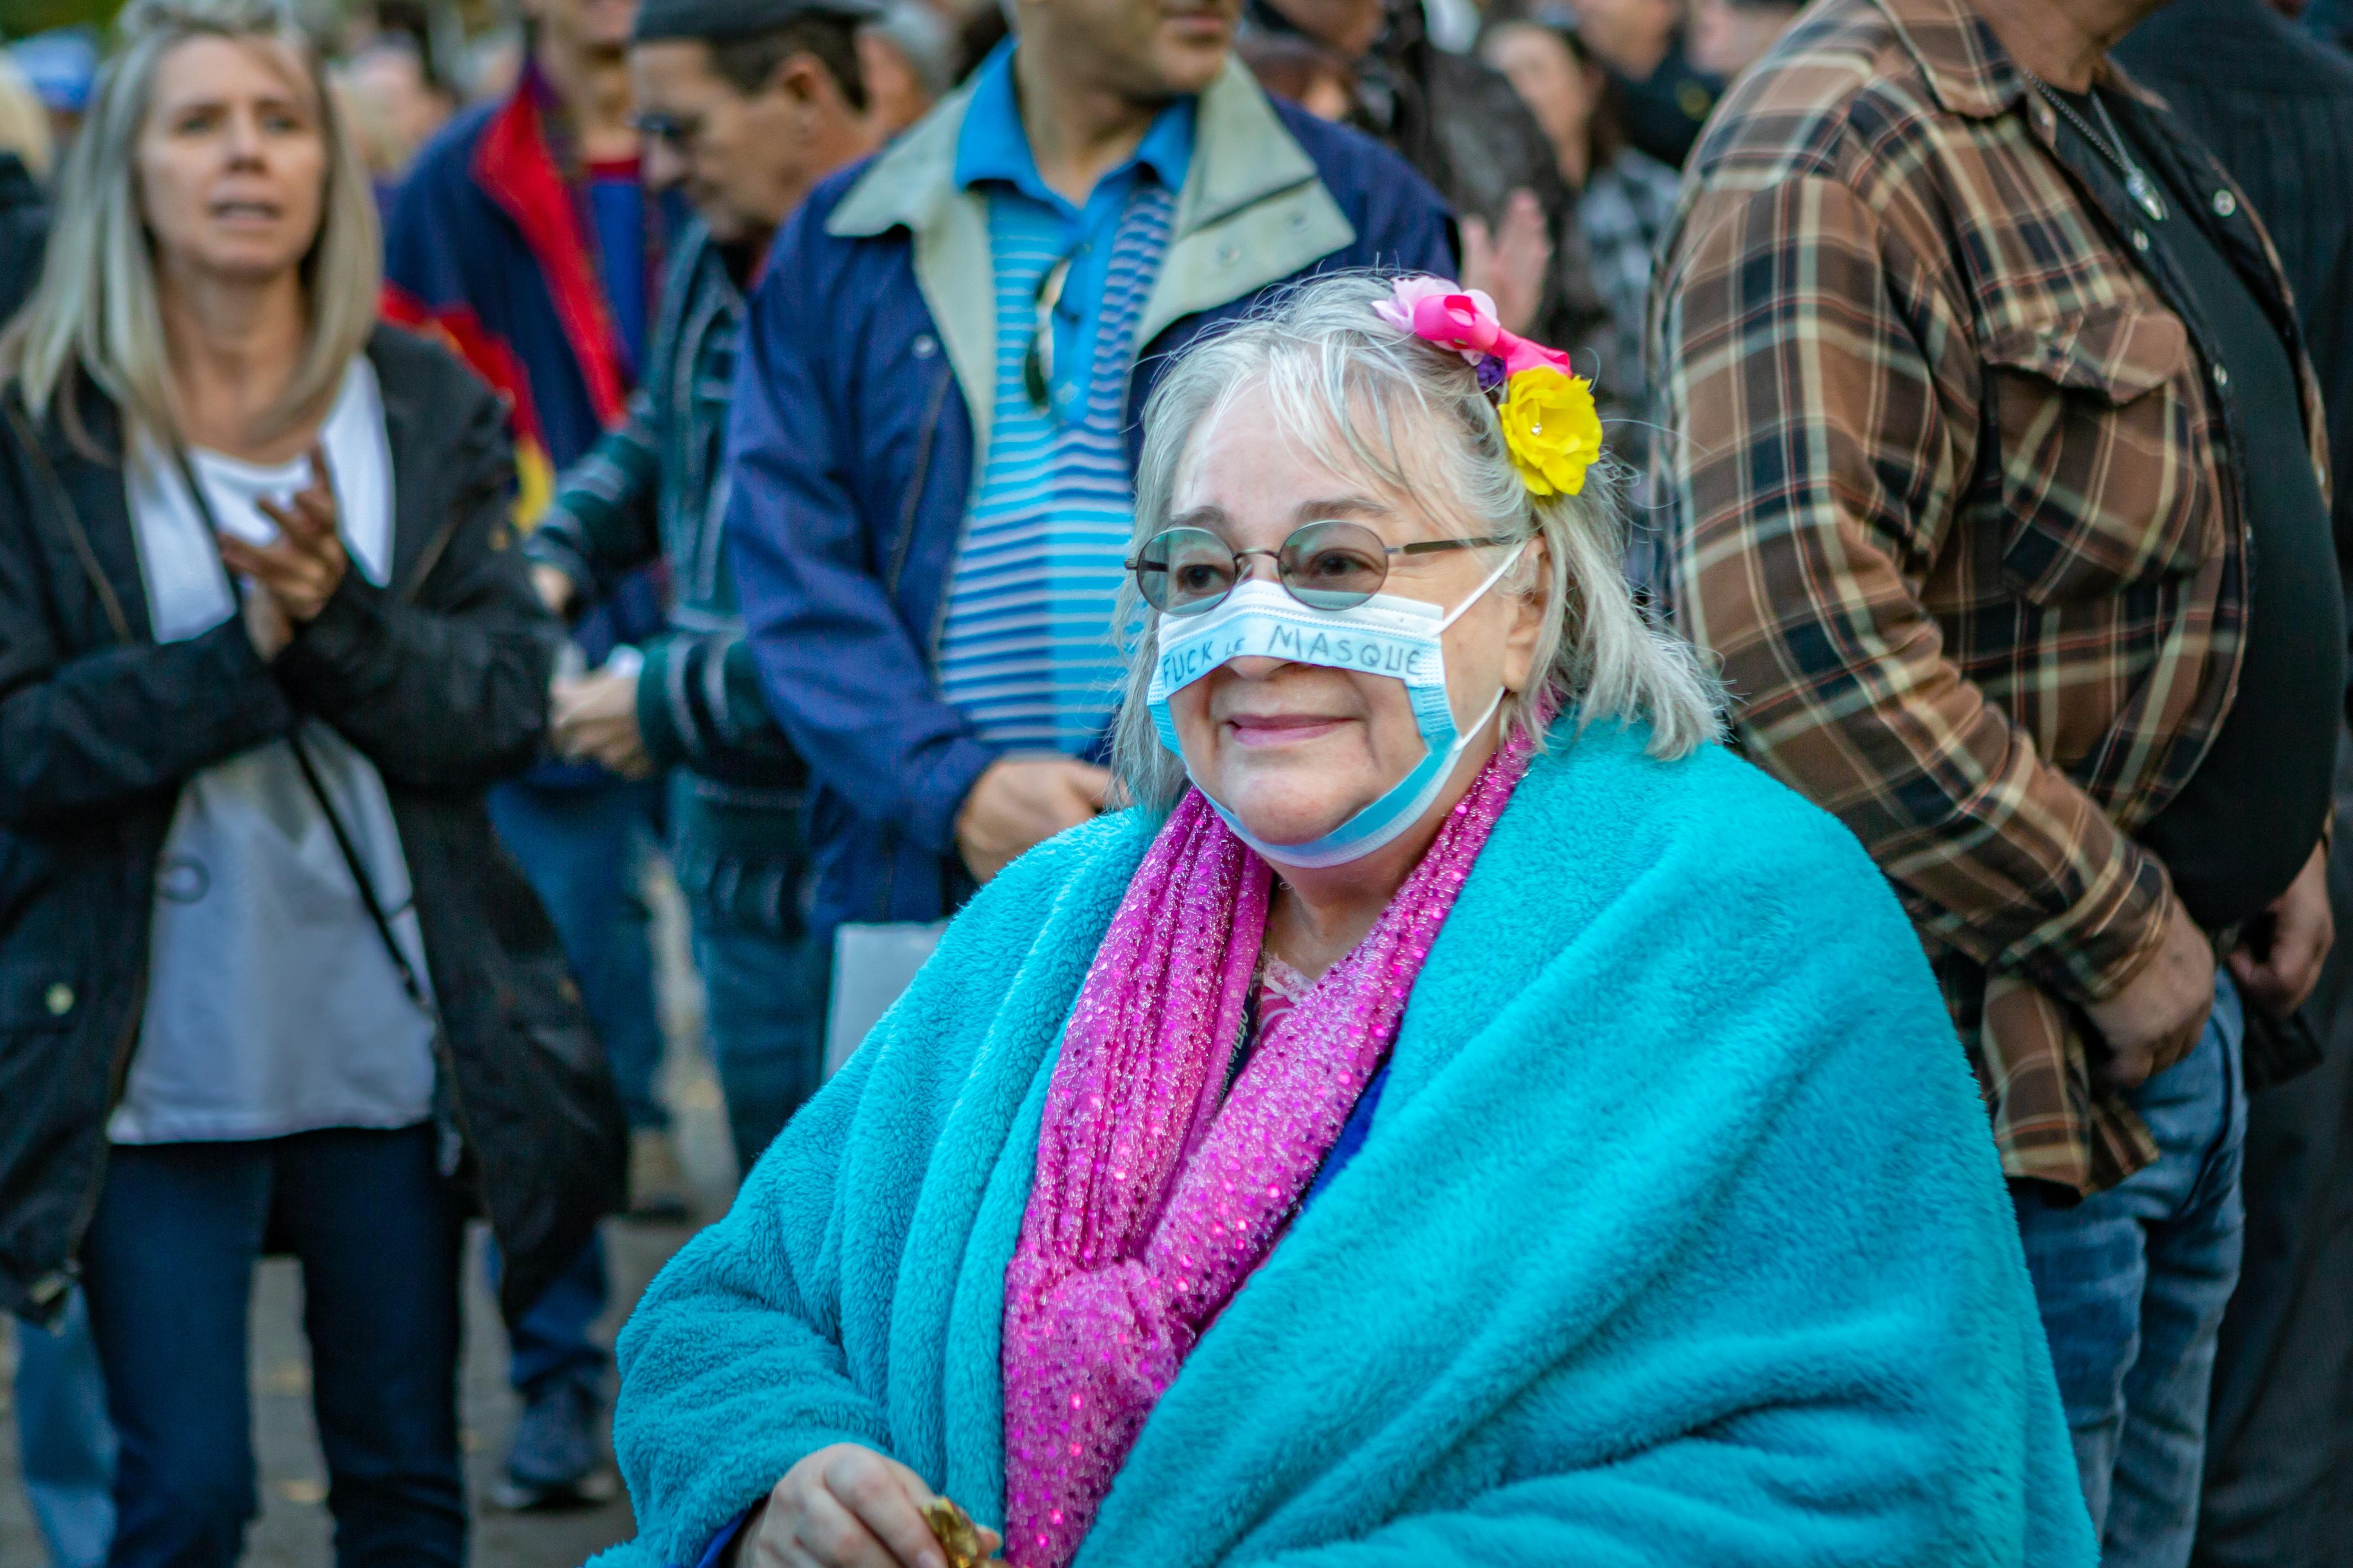 Garázdaság miatt kell felelnie a győri nőnek, aki nem vette fel a maszkját